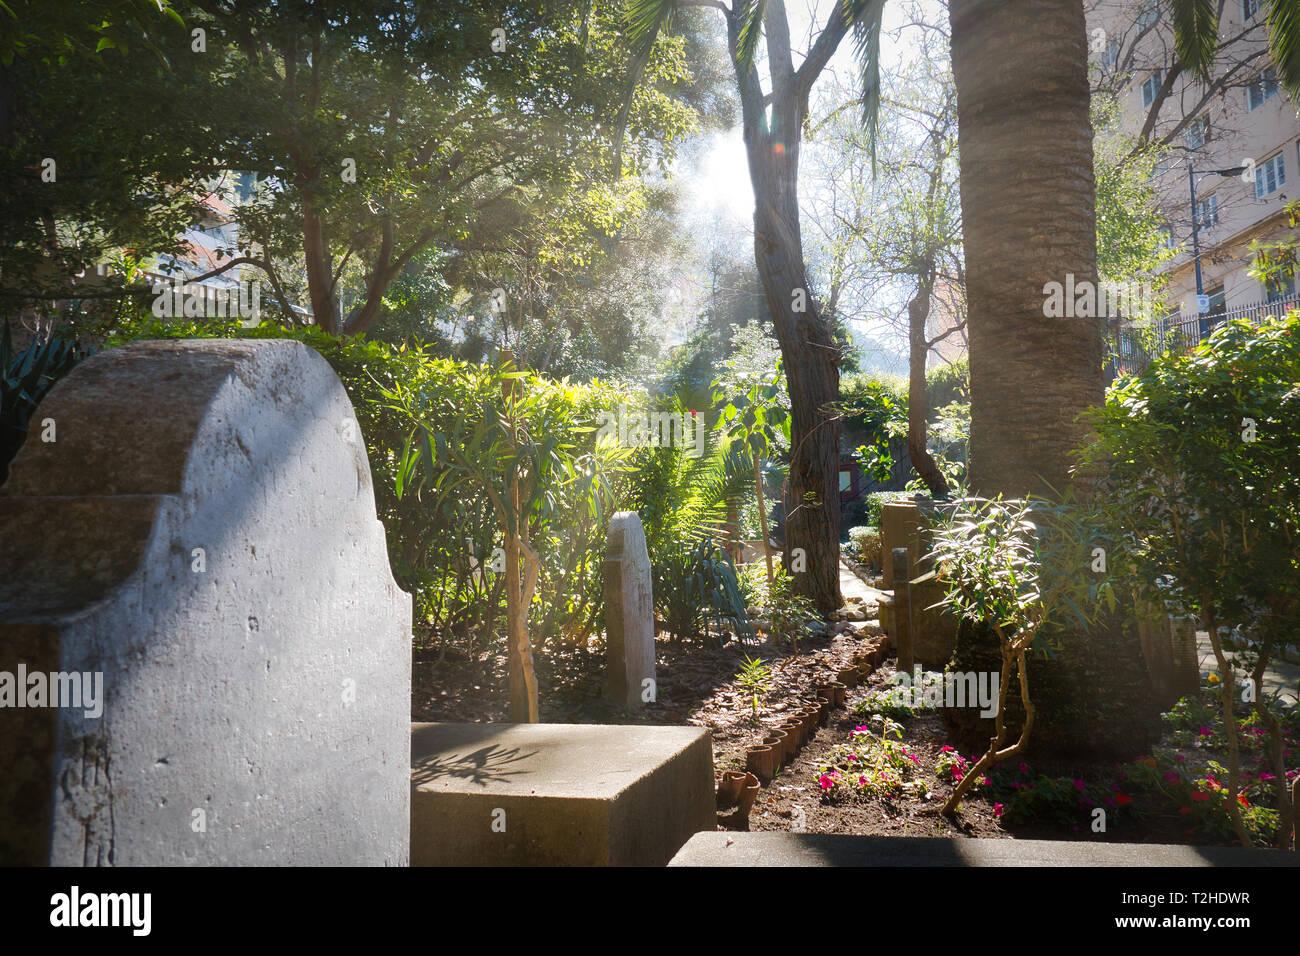 Rayos de sol entre los árboles iluminando una antigua tumba en el Cementerio de Trafalgar en Gibraltar Foto de stock